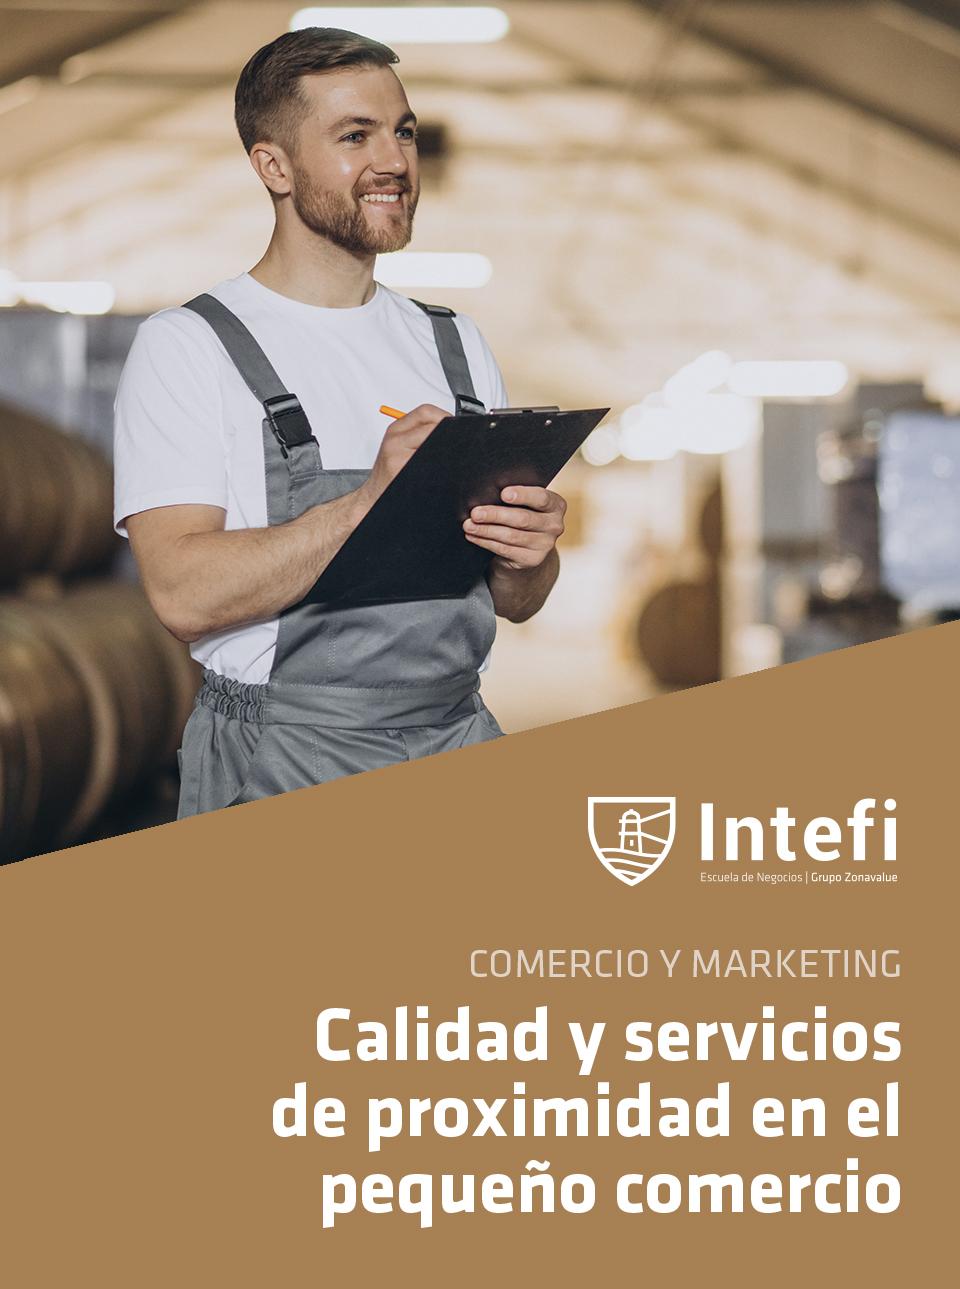 Curso de calidad y servicios de proximidad en el pequeño comercio Intefi